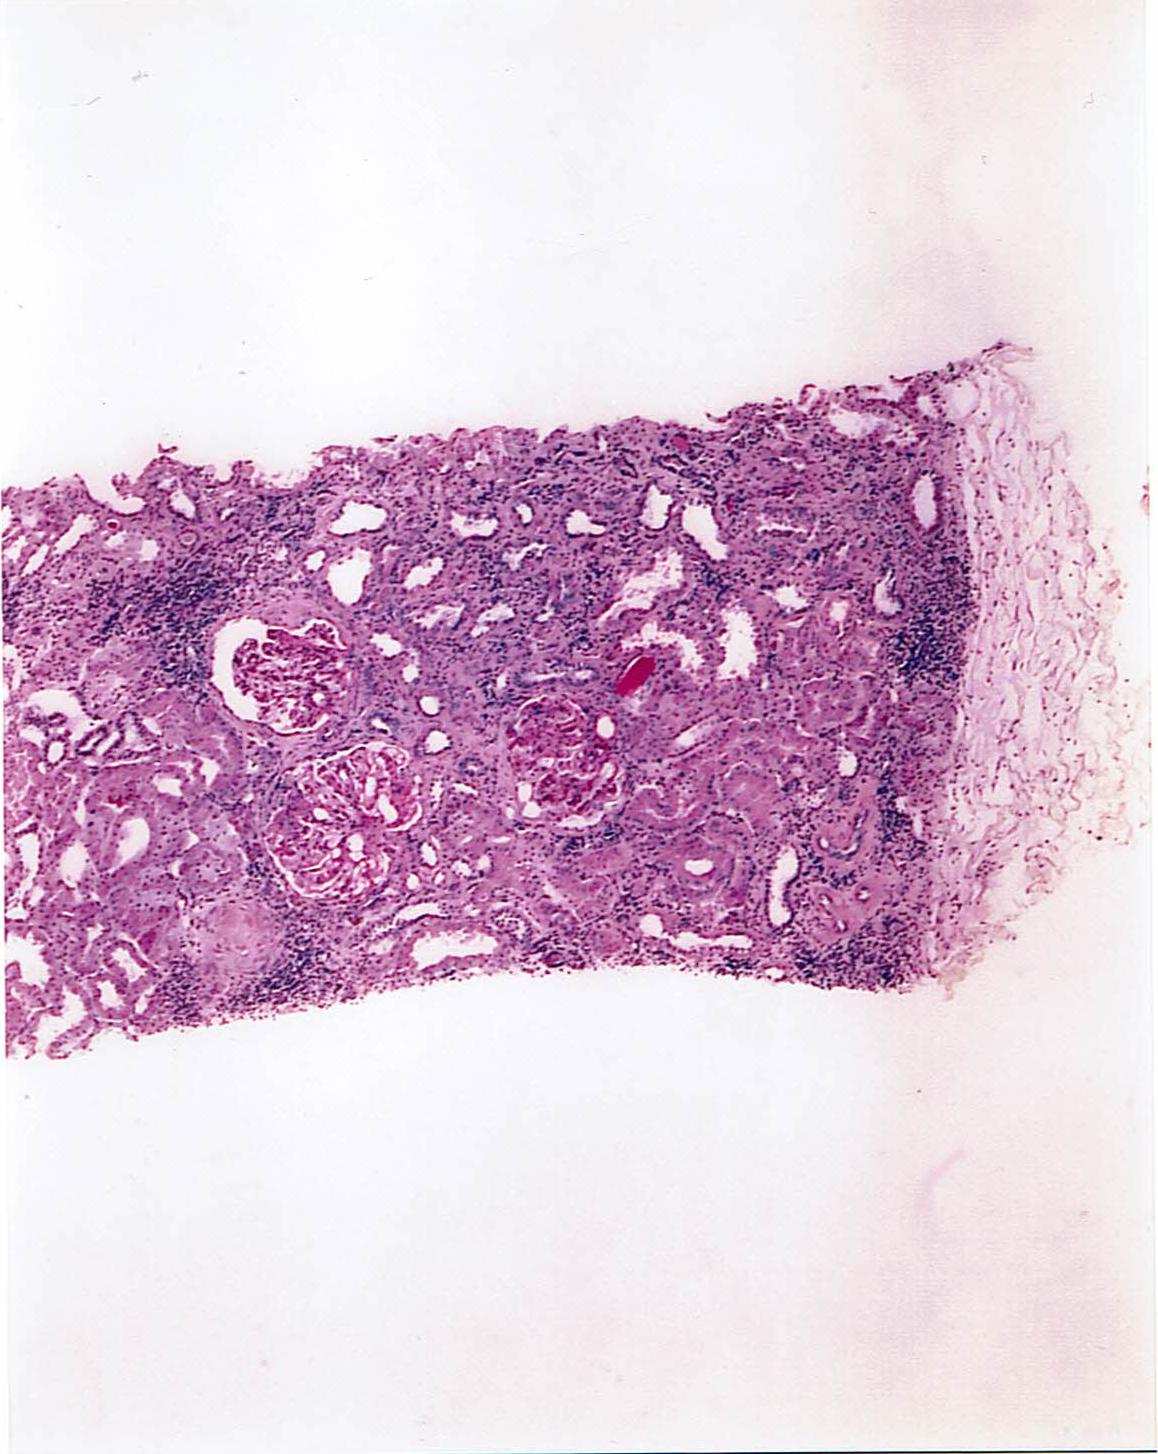 腎生検の結果